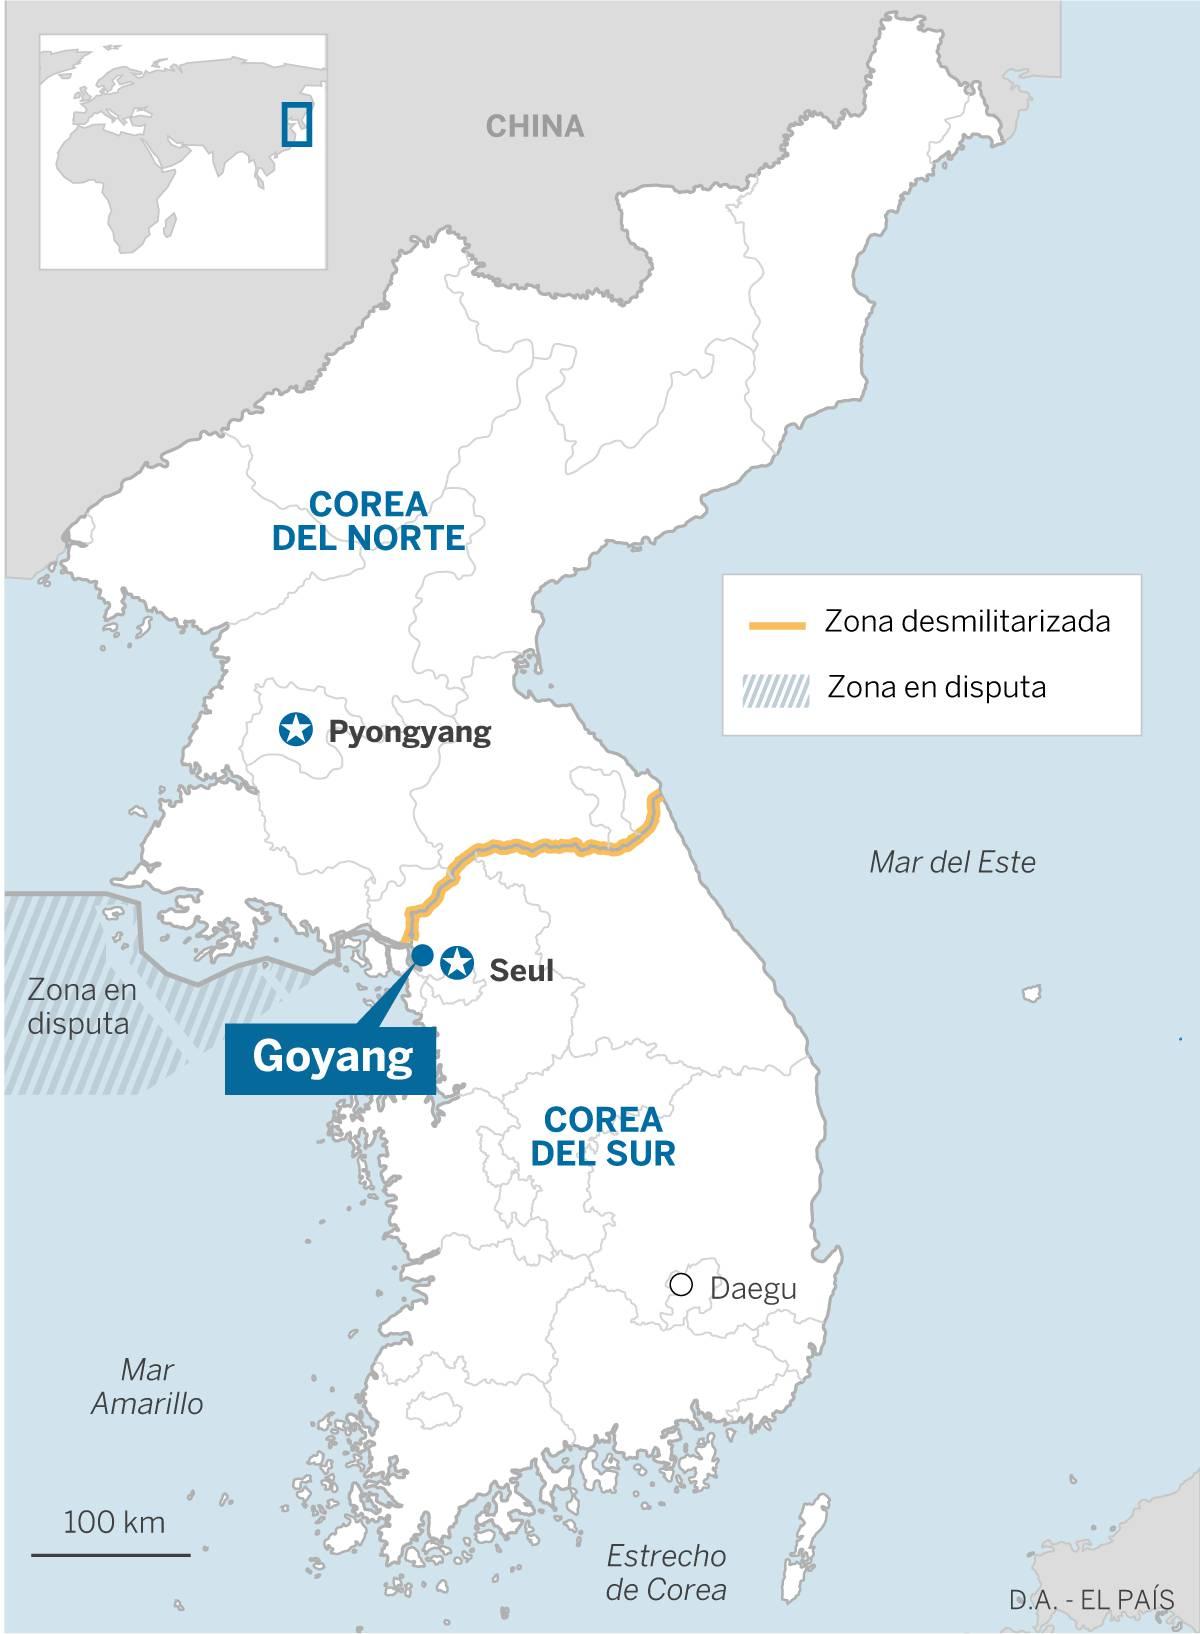 Guerra De Corea Mapa.La Guerra Larvada Entre Las Dos Coreas Internacional El Pais